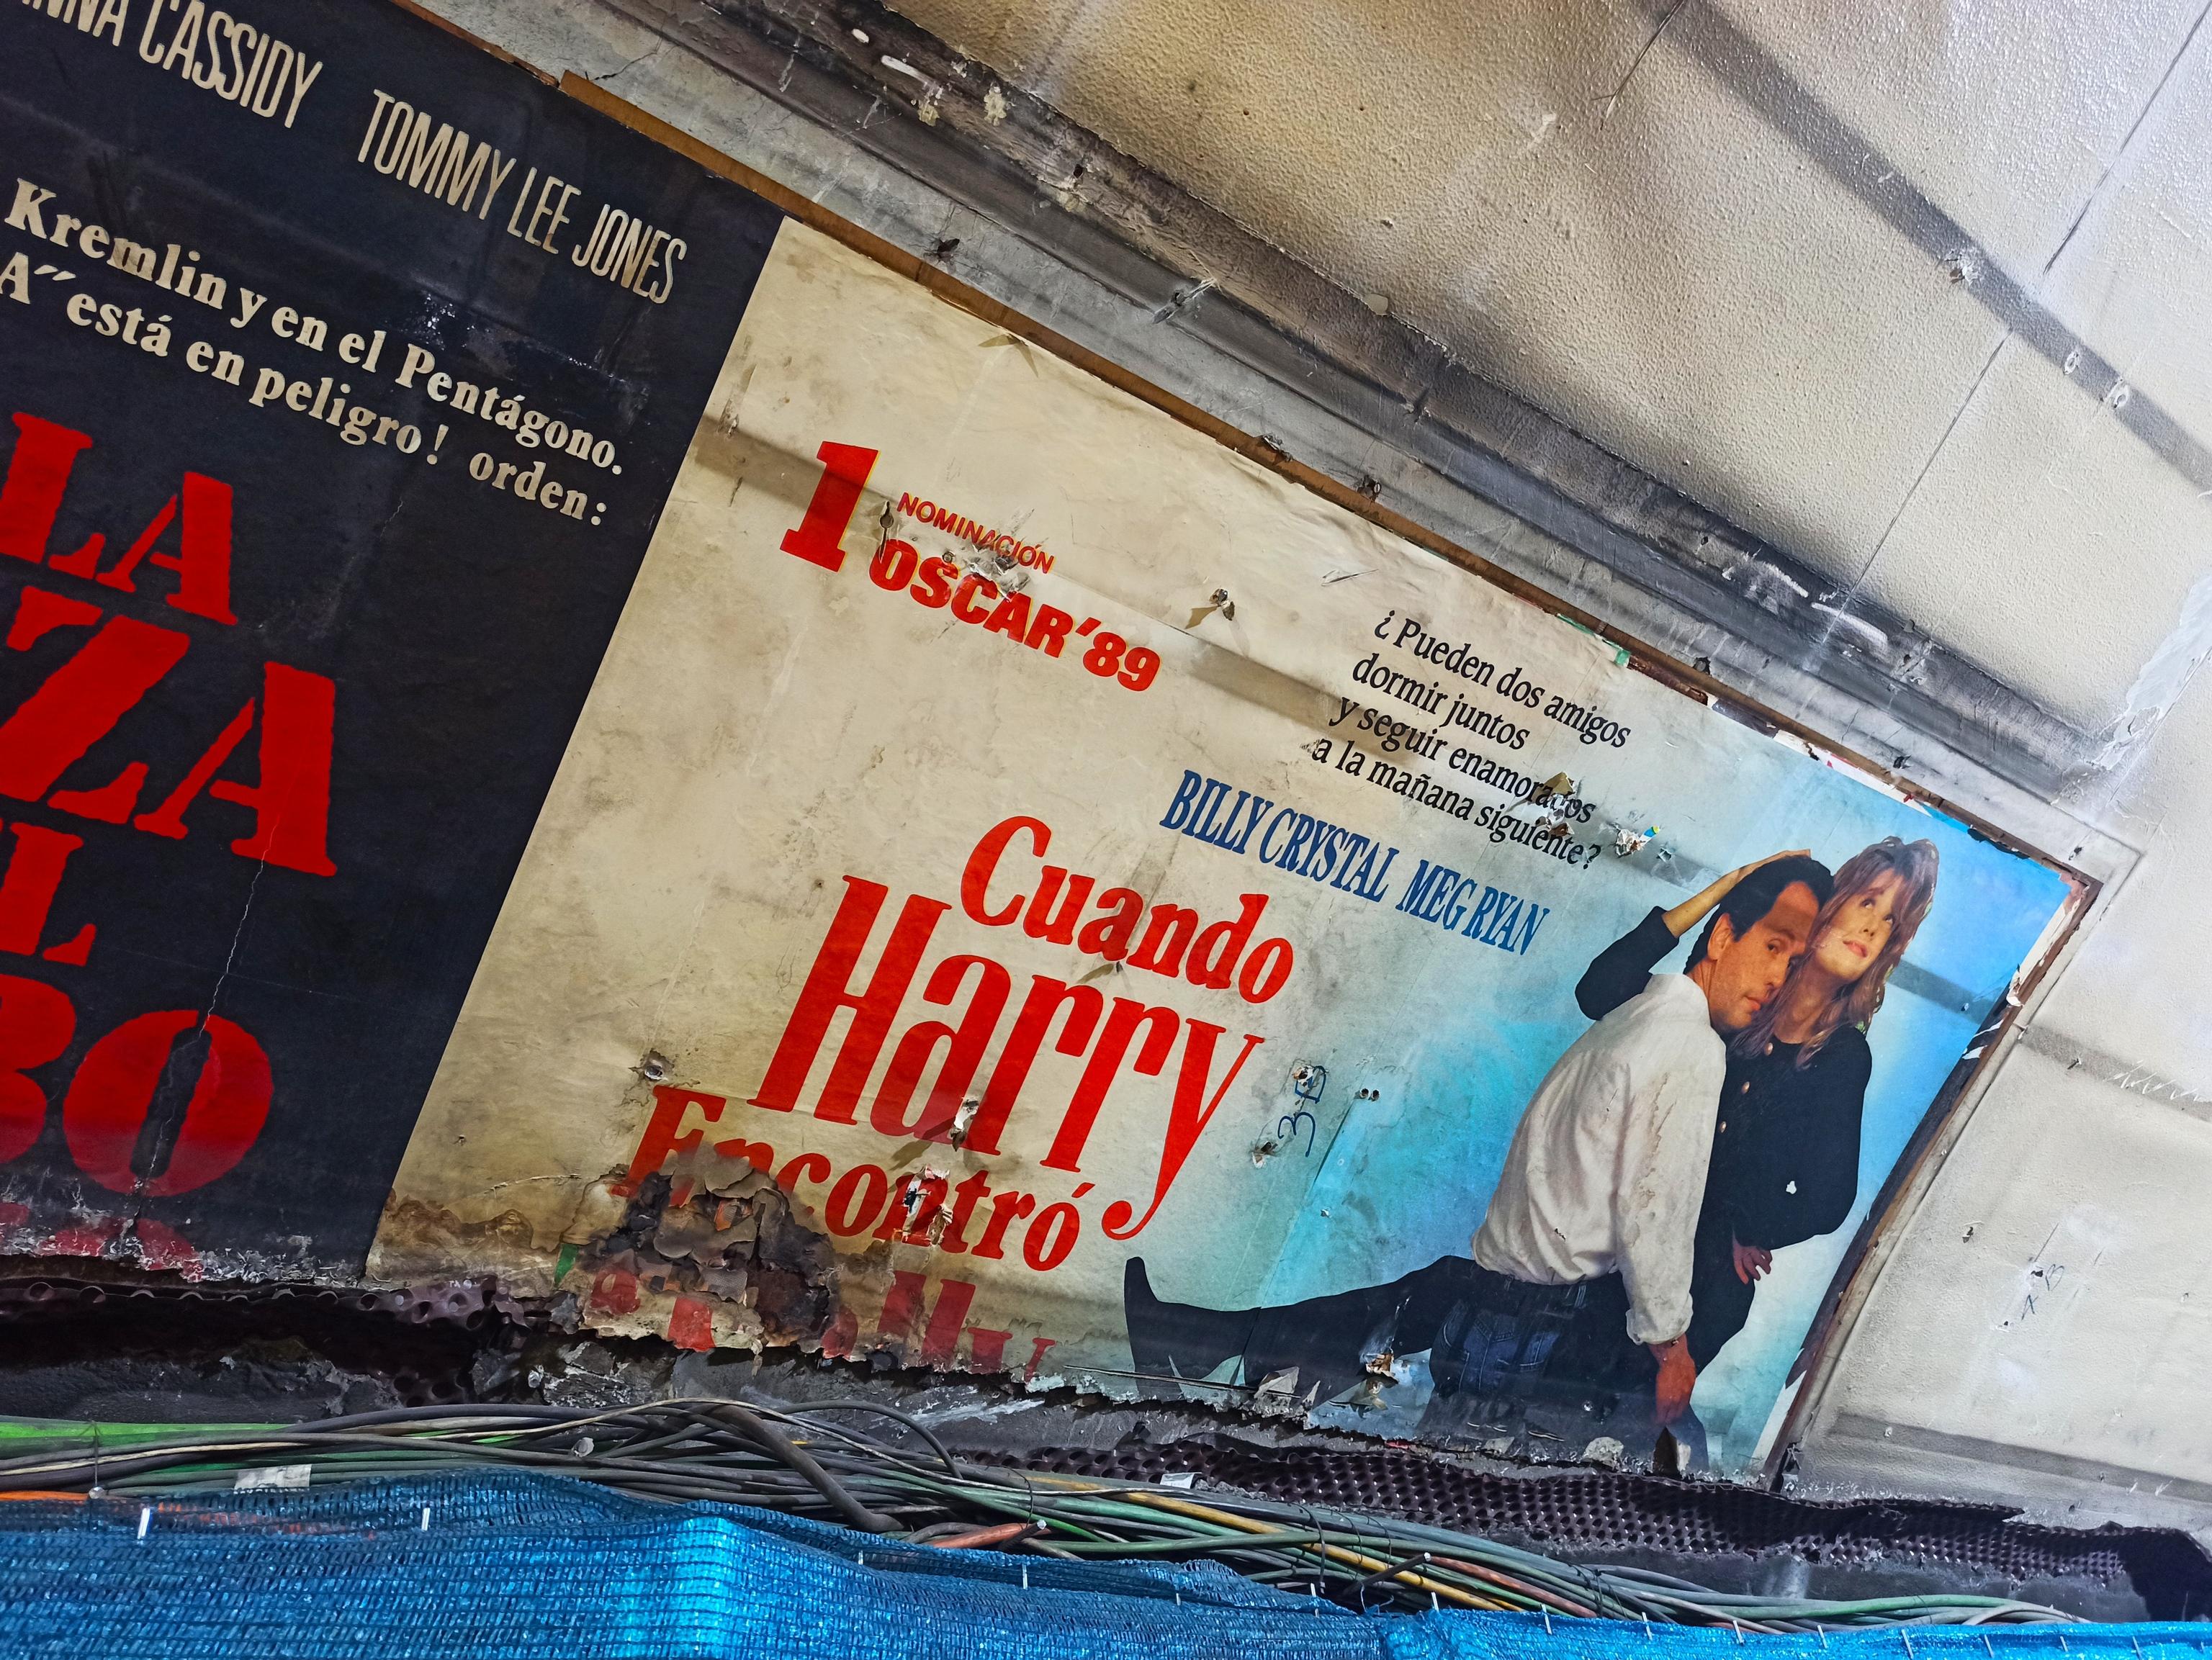 Cartel publicitario 'Cuando Harry encontró a Sally' en Cuatro Caminos